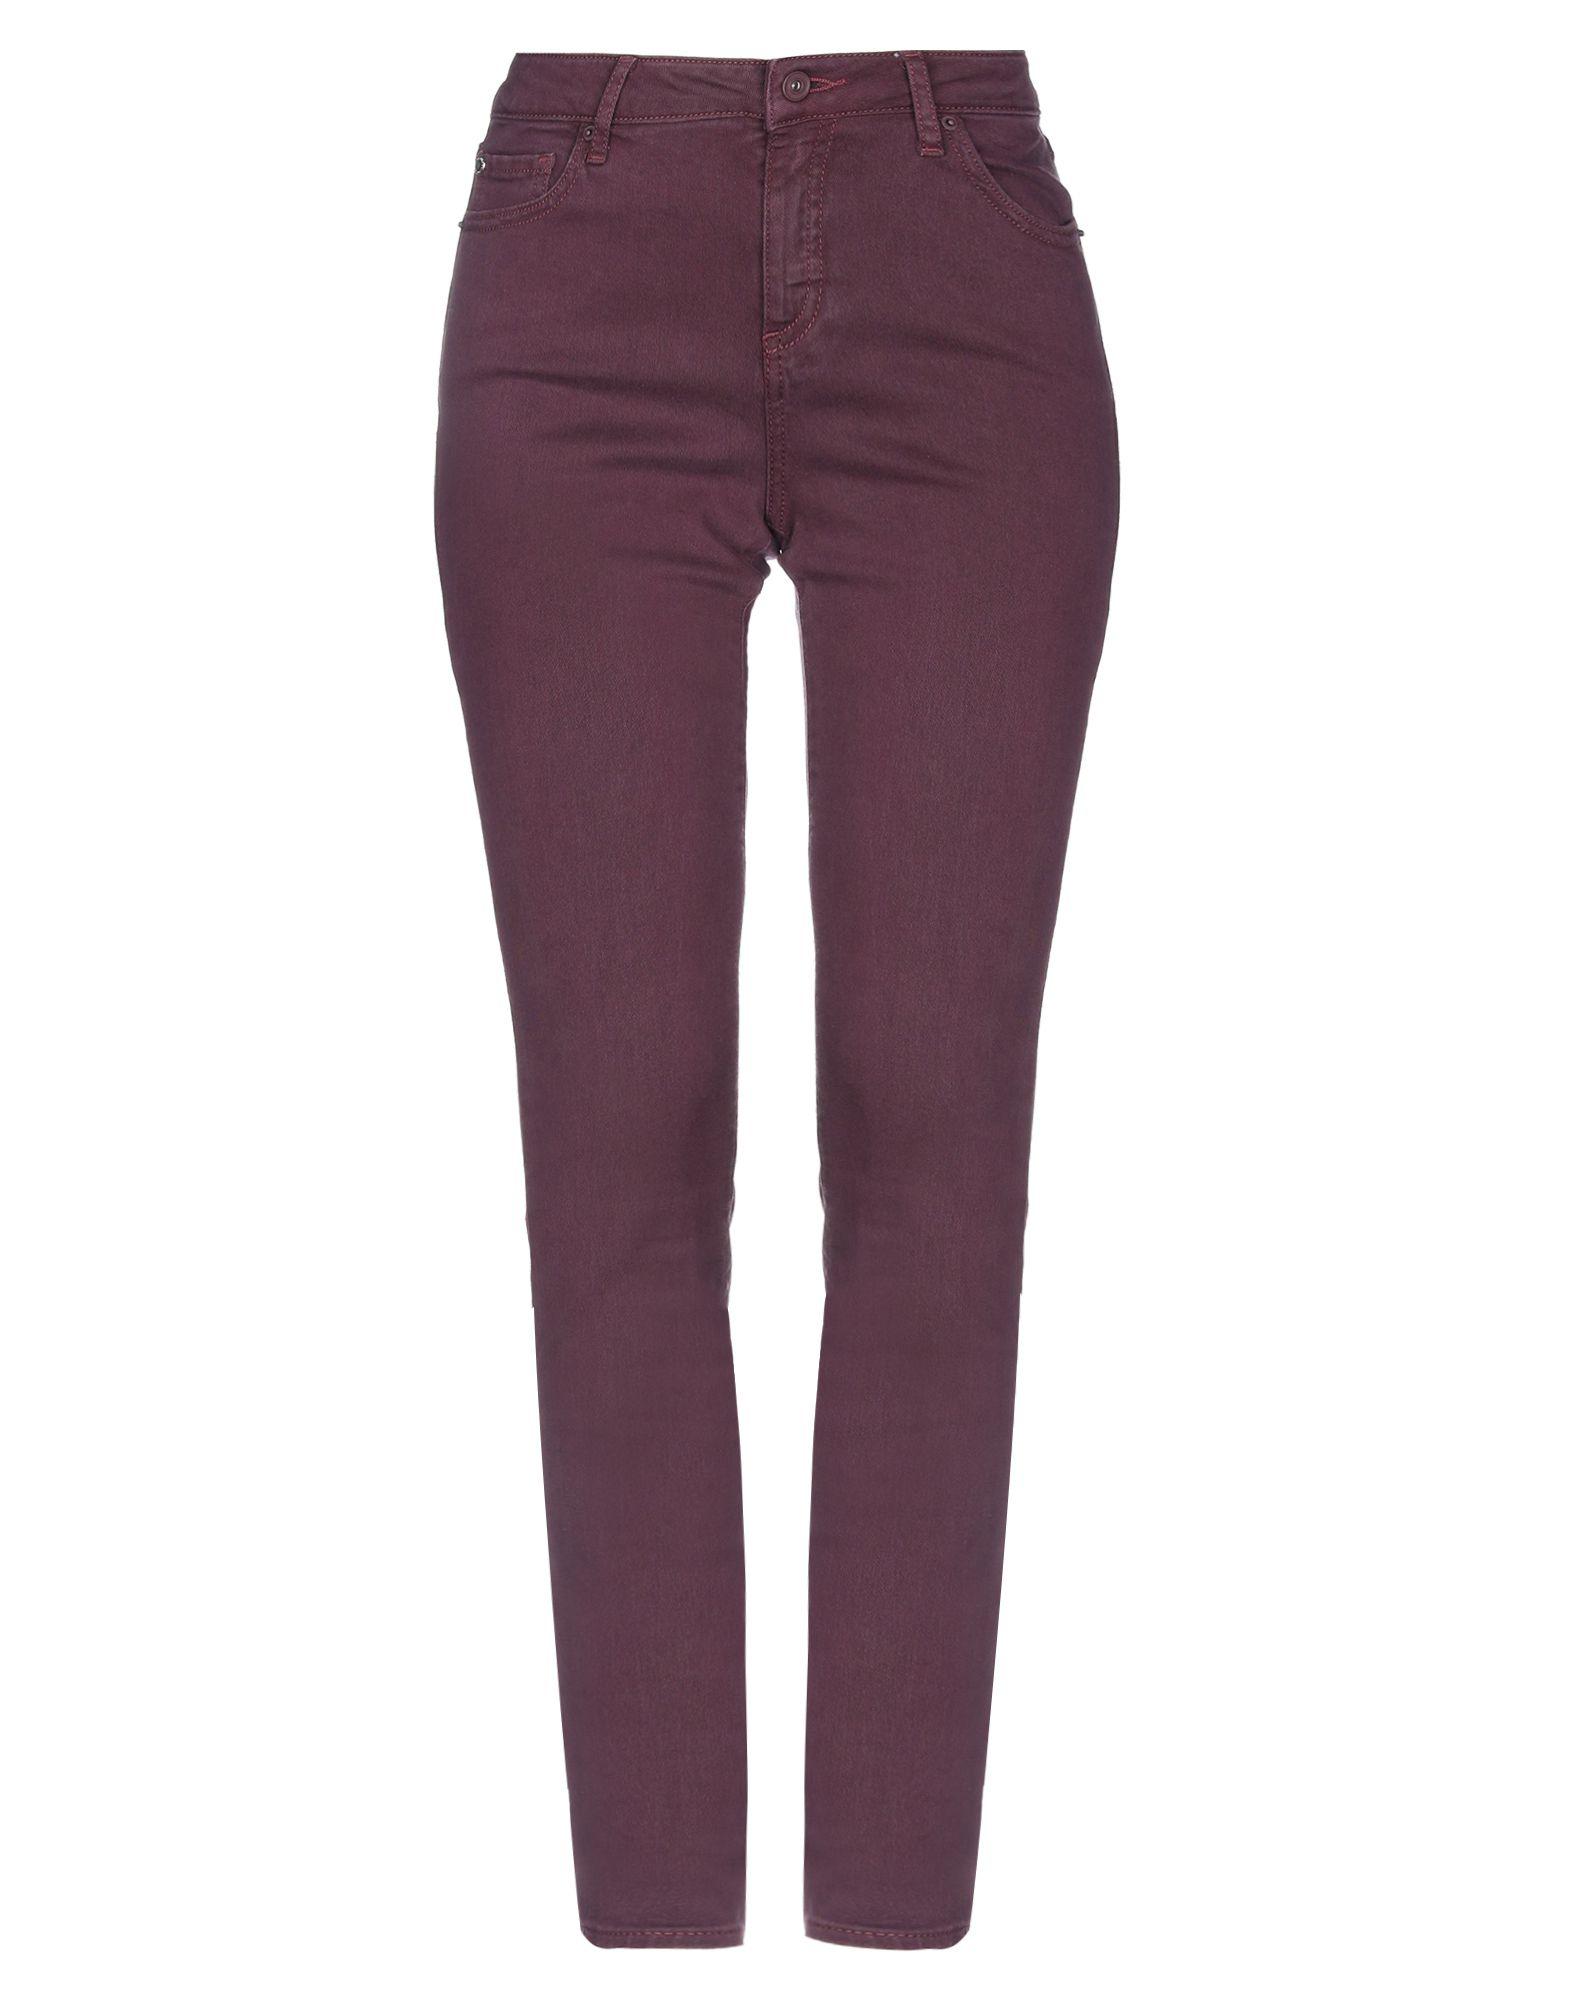 Pantalone Armani Exchange damen - 13364165BU